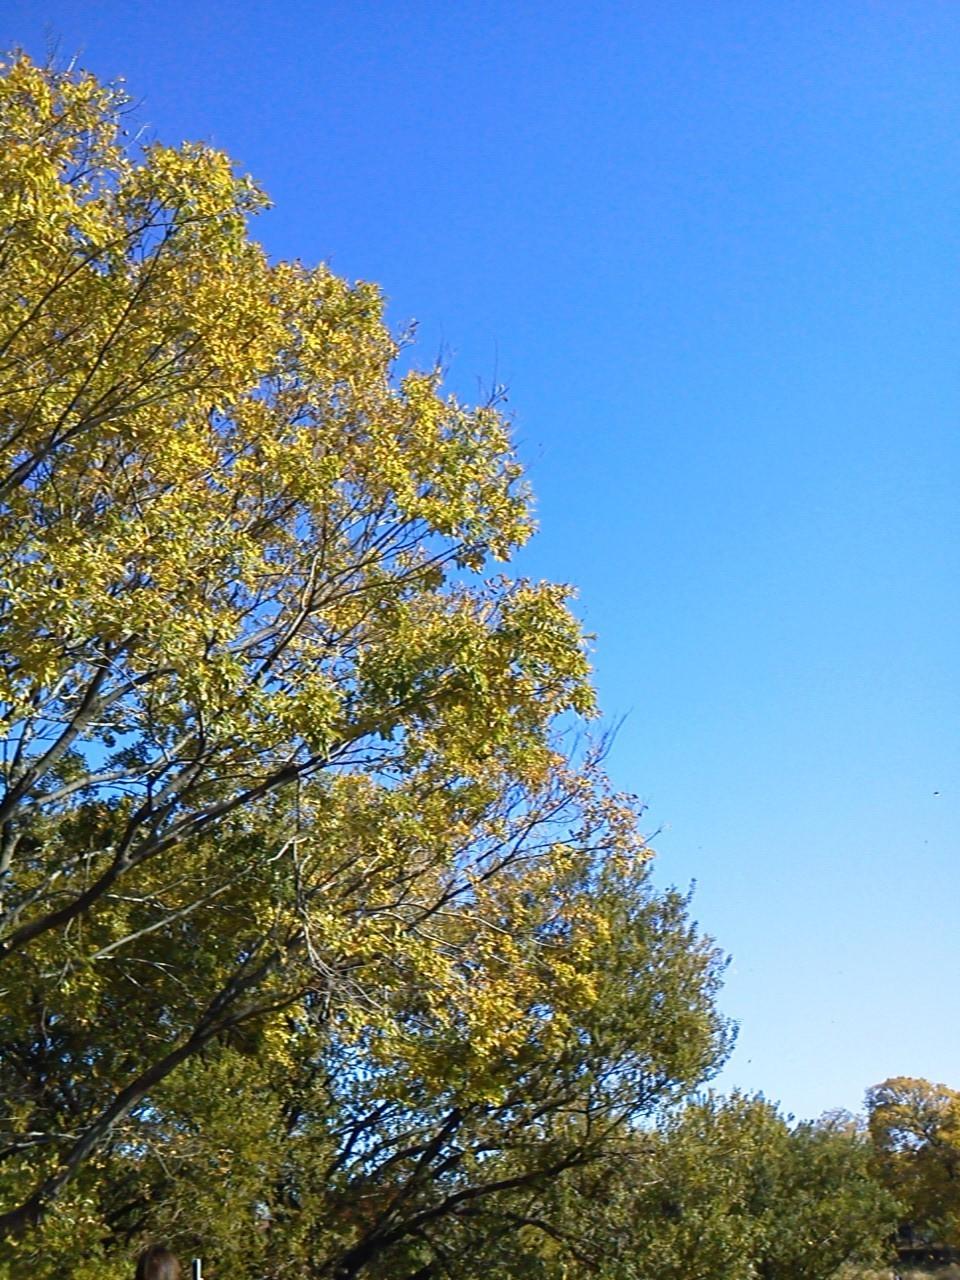 秋真っ盛り。いい天気で走れて最高でした。来年はハーフ参加してみます!